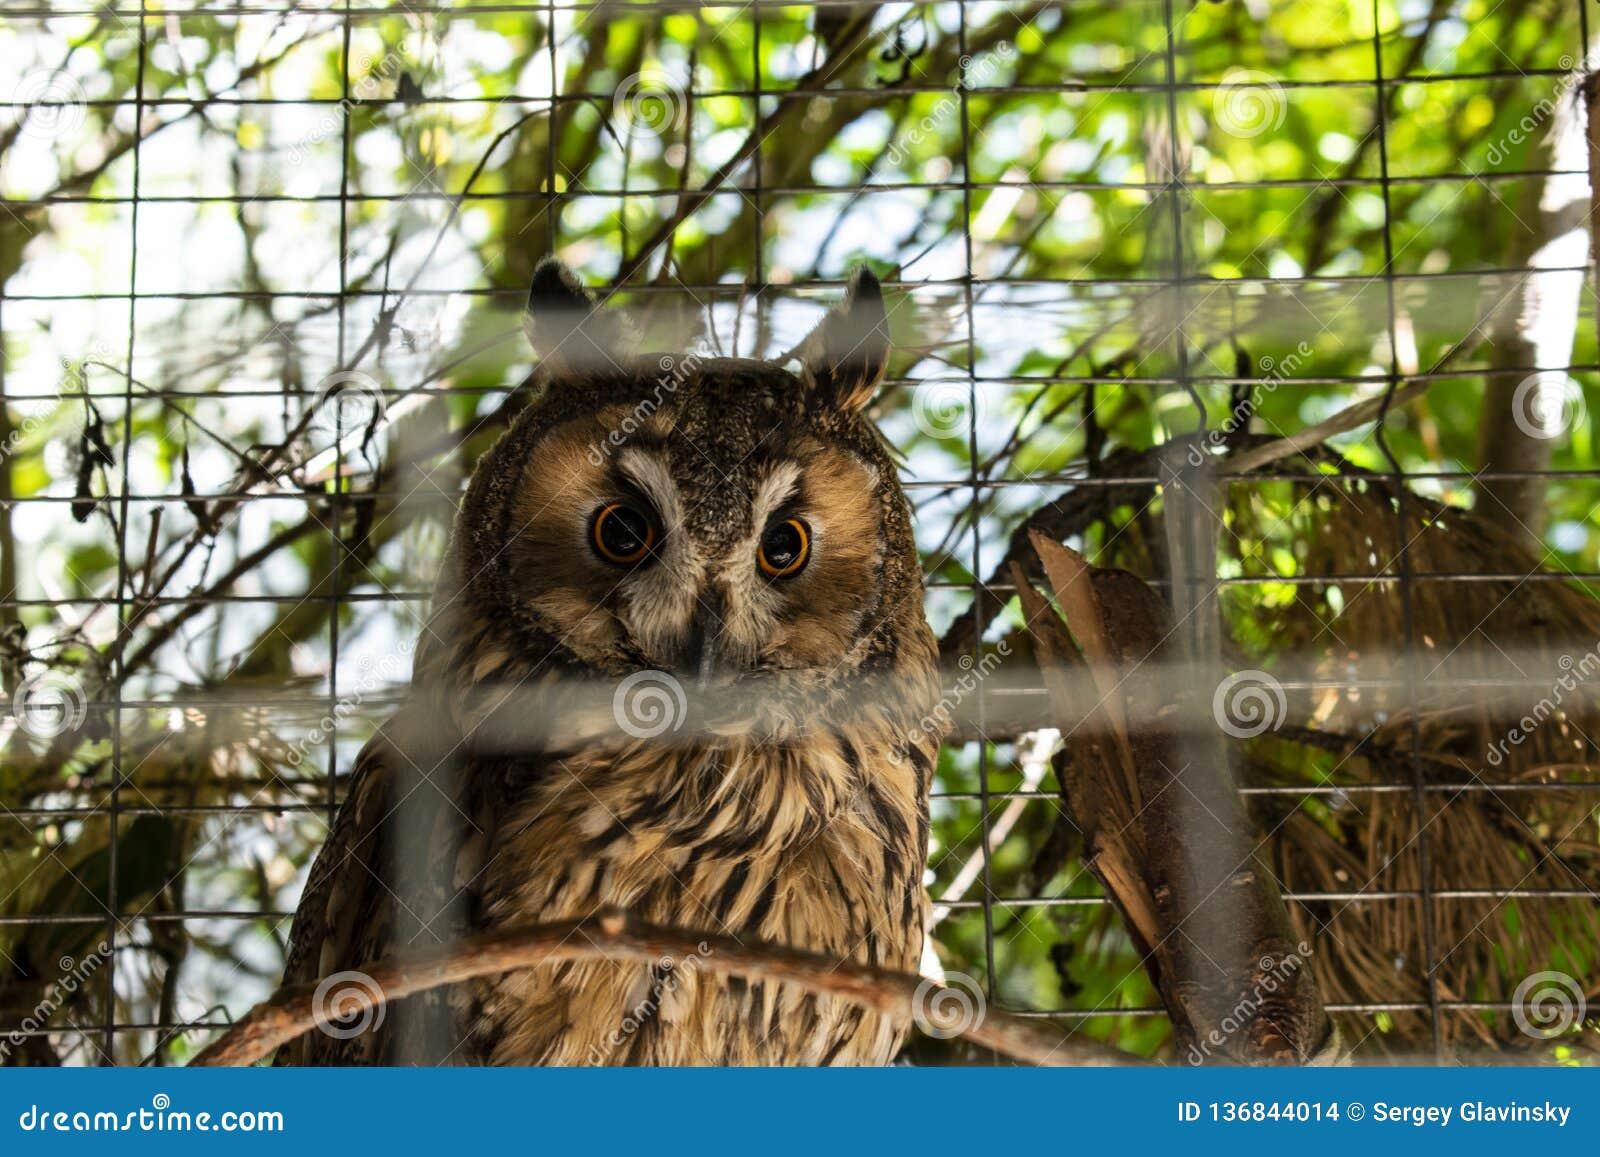 Siberian uggla som sitter i en bur